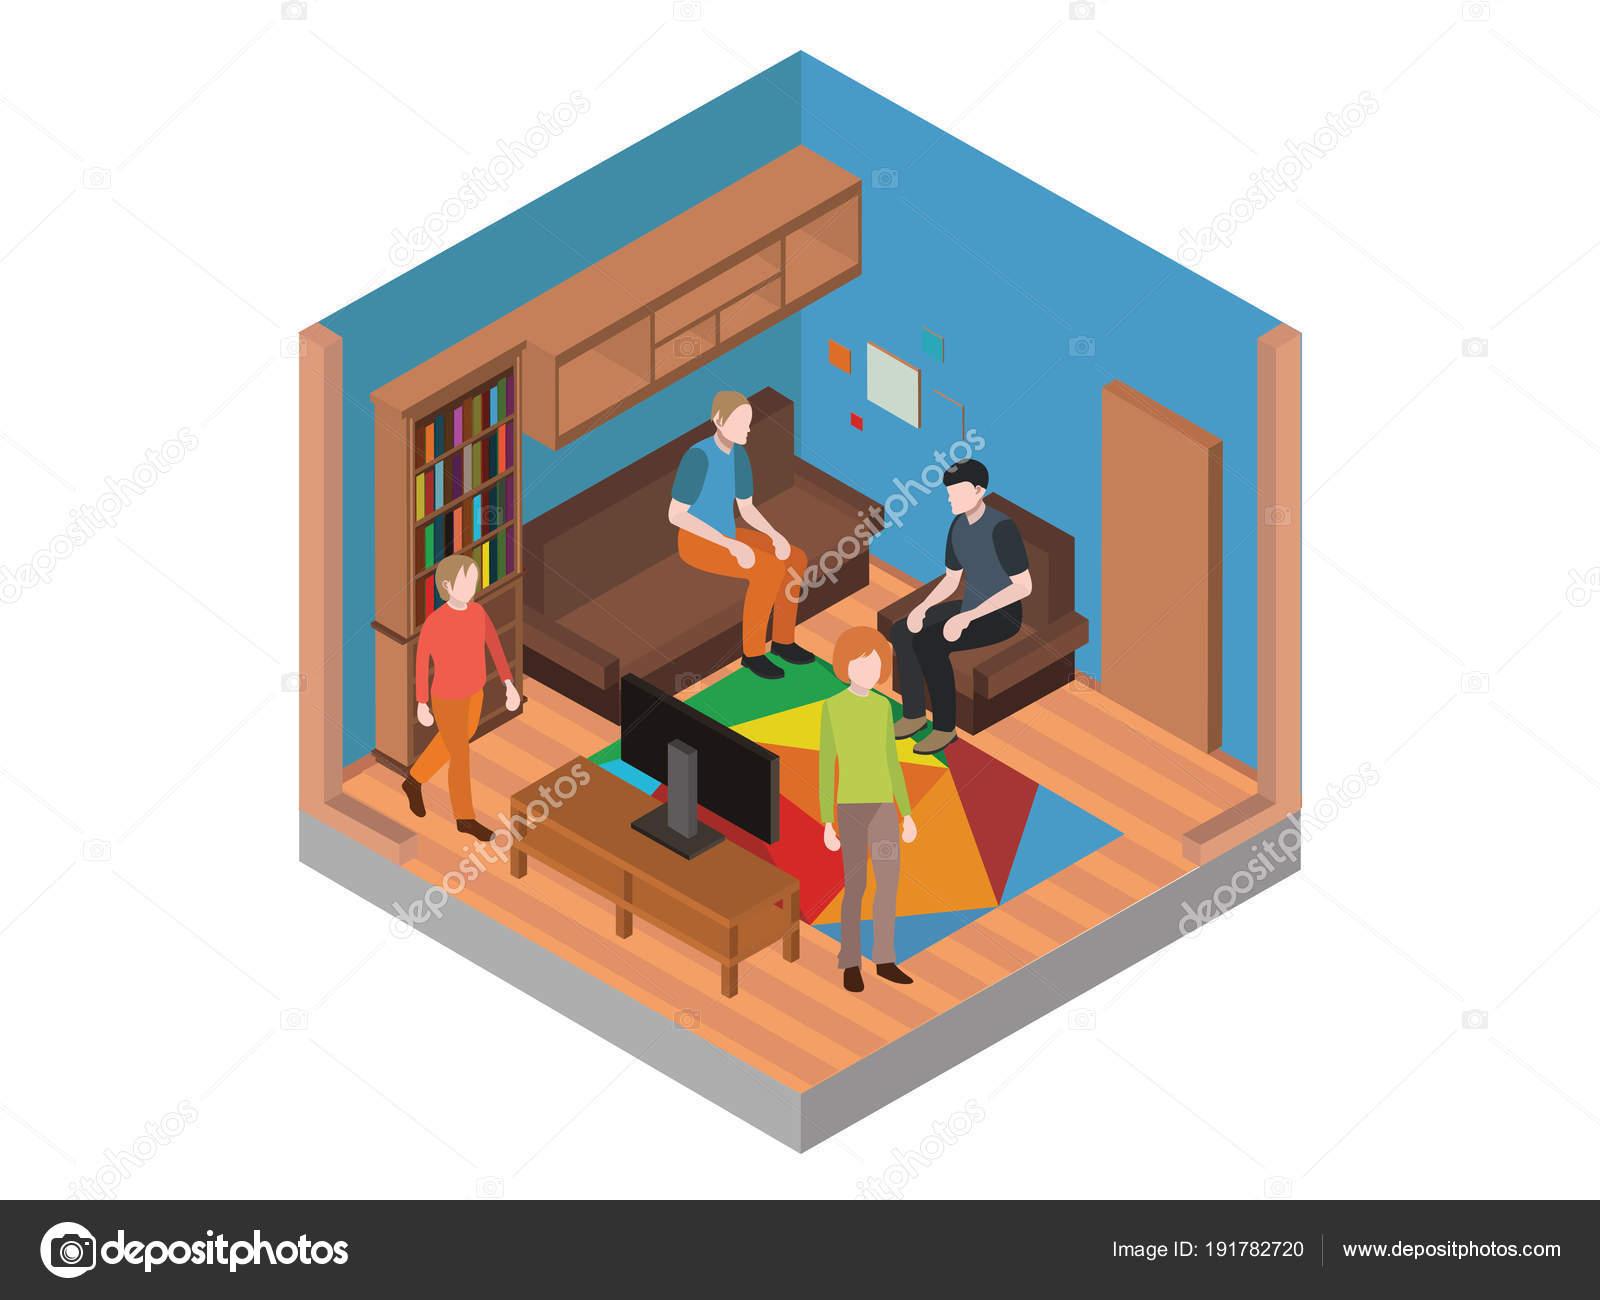 Isometrische Wohnzimmer Mit Isometrischen Menschen Tisch Und Mobel